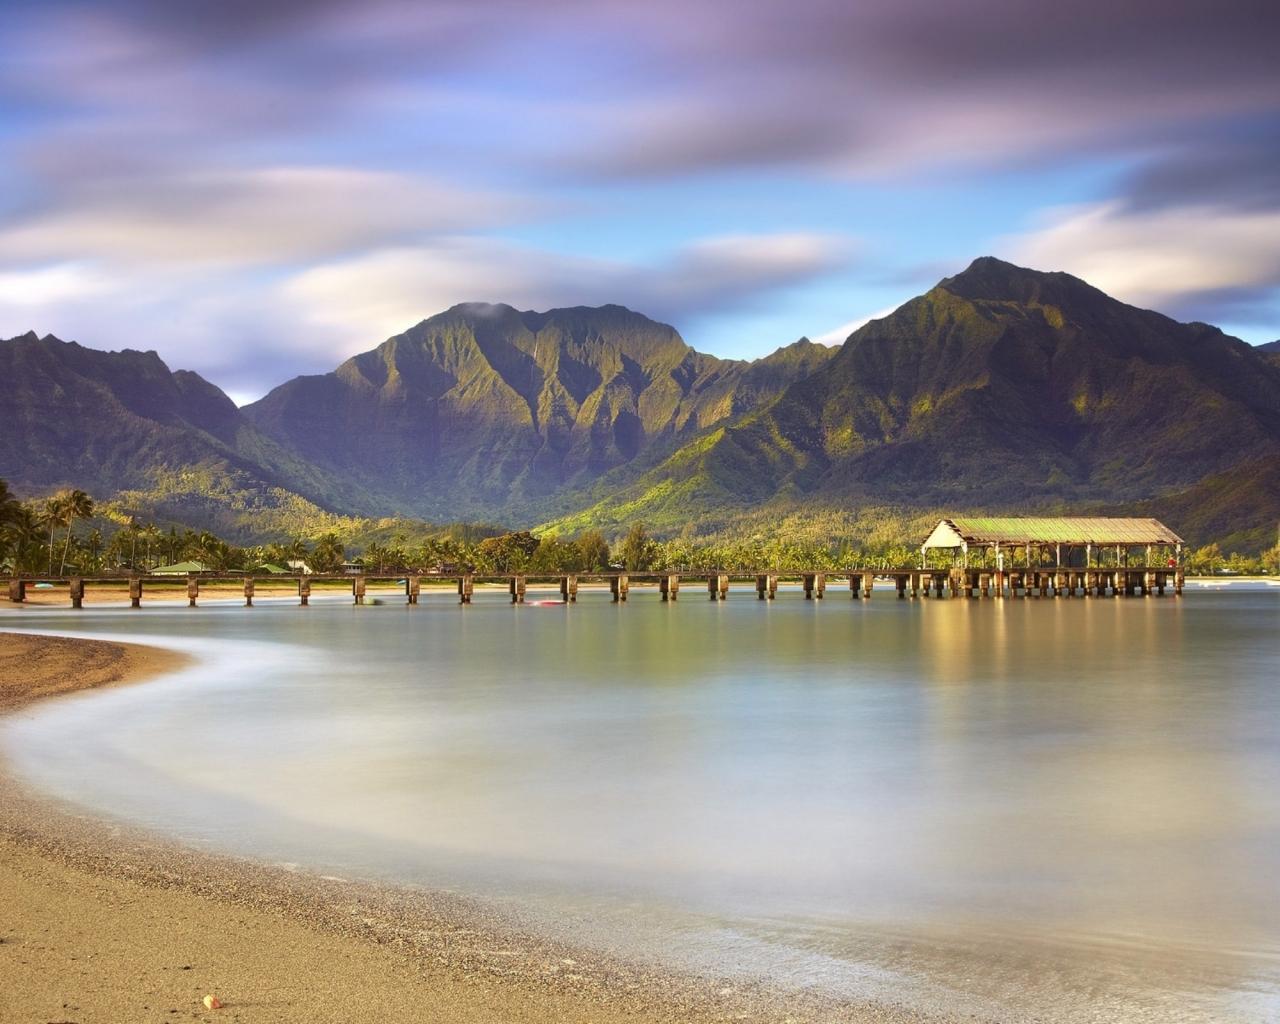 Montañas y playas - 1280x1024